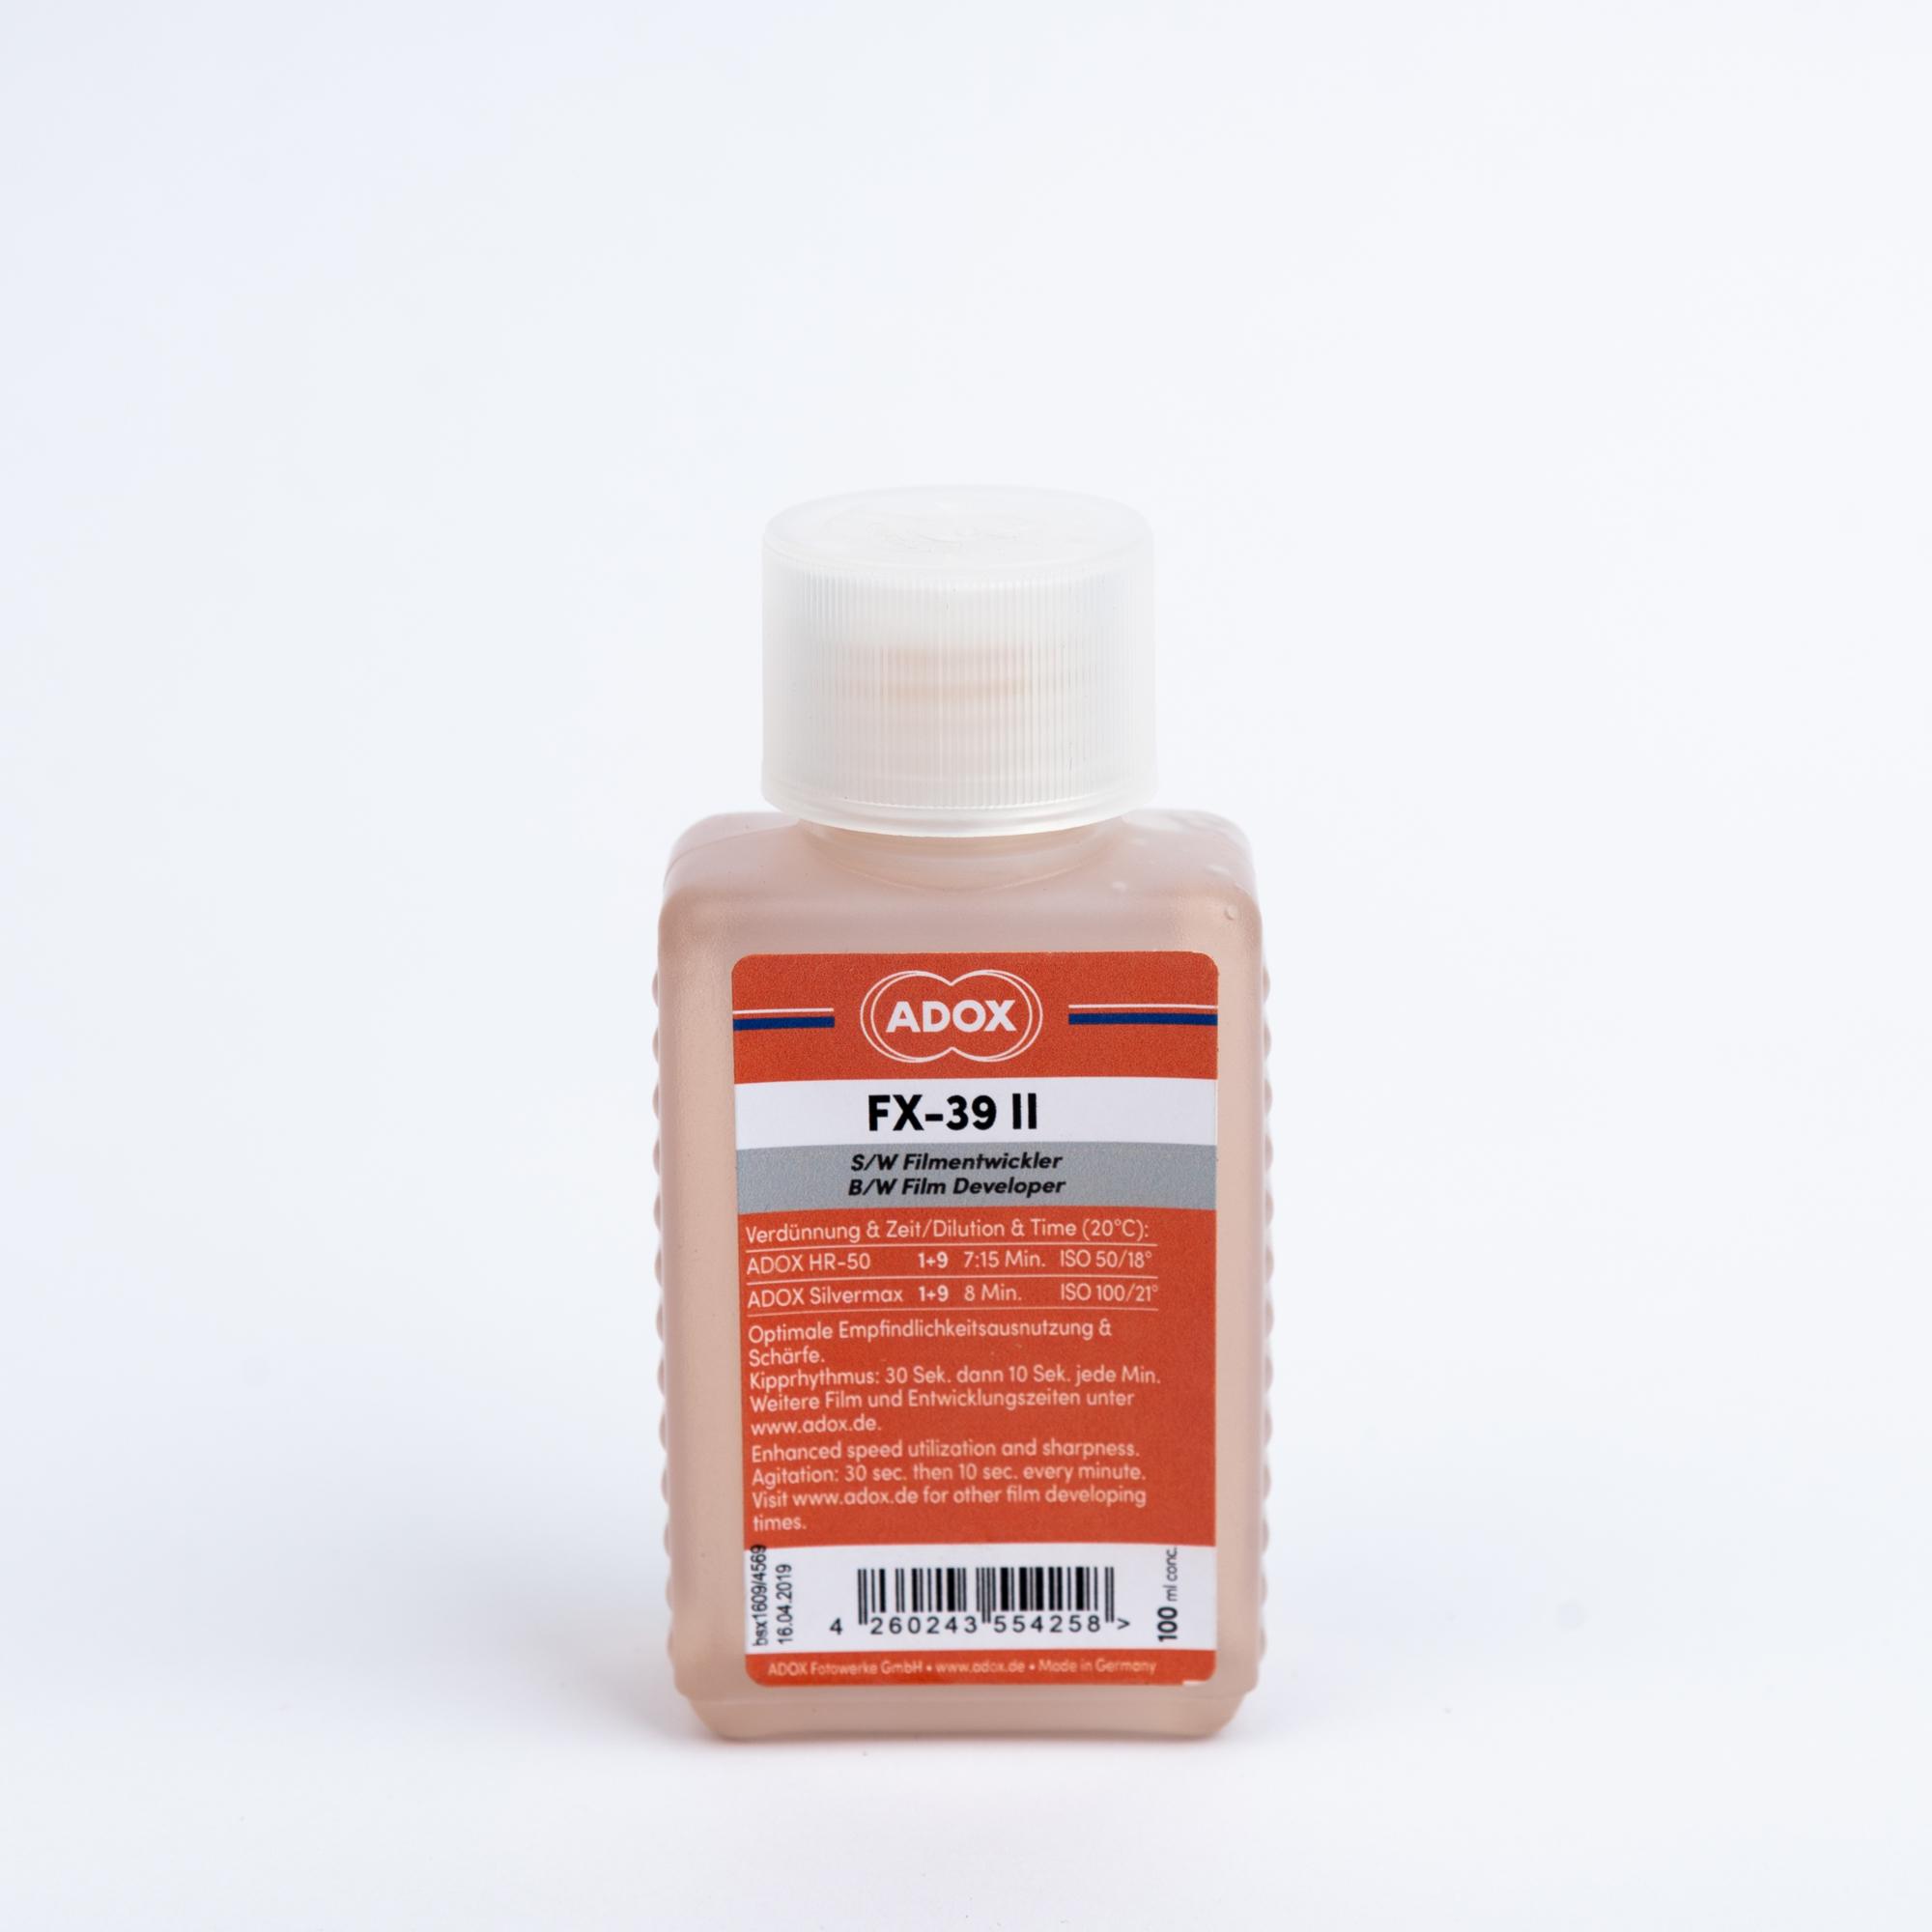 Проявитель ADOX FX-39 TYPE II 100мл (концентрат)